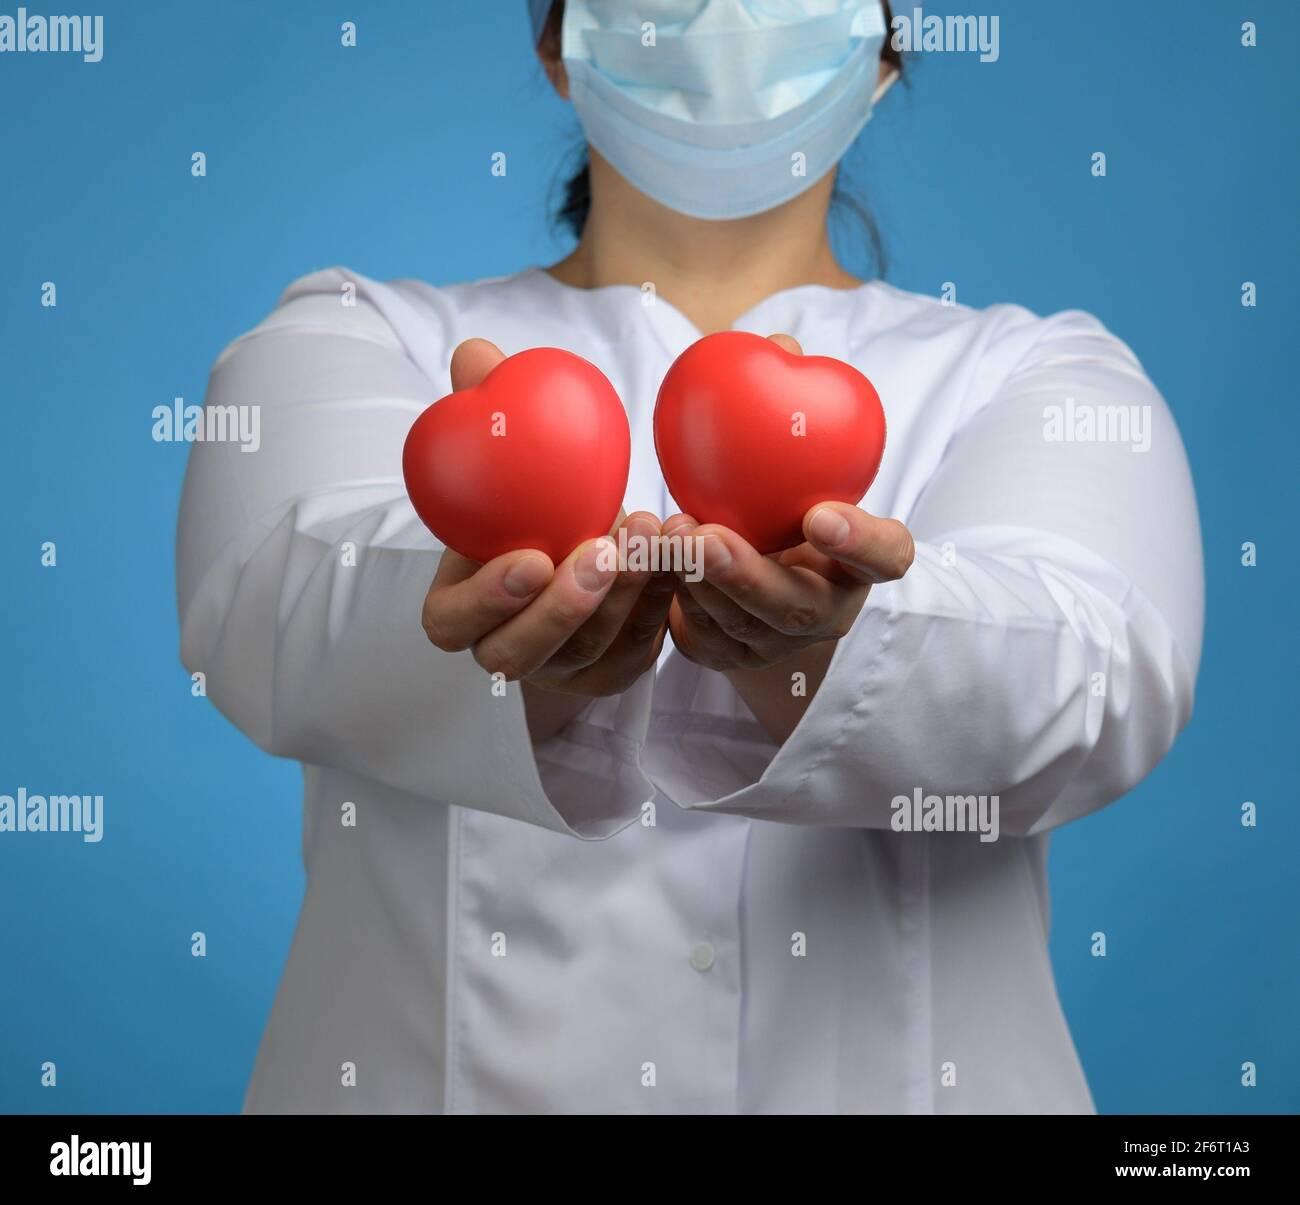 médica en un abrigo blanco, una máscara se levanta y sostiene un corazón rojo sobre un fondo azul, el concepto de donación y amabilidad. Foto de stock